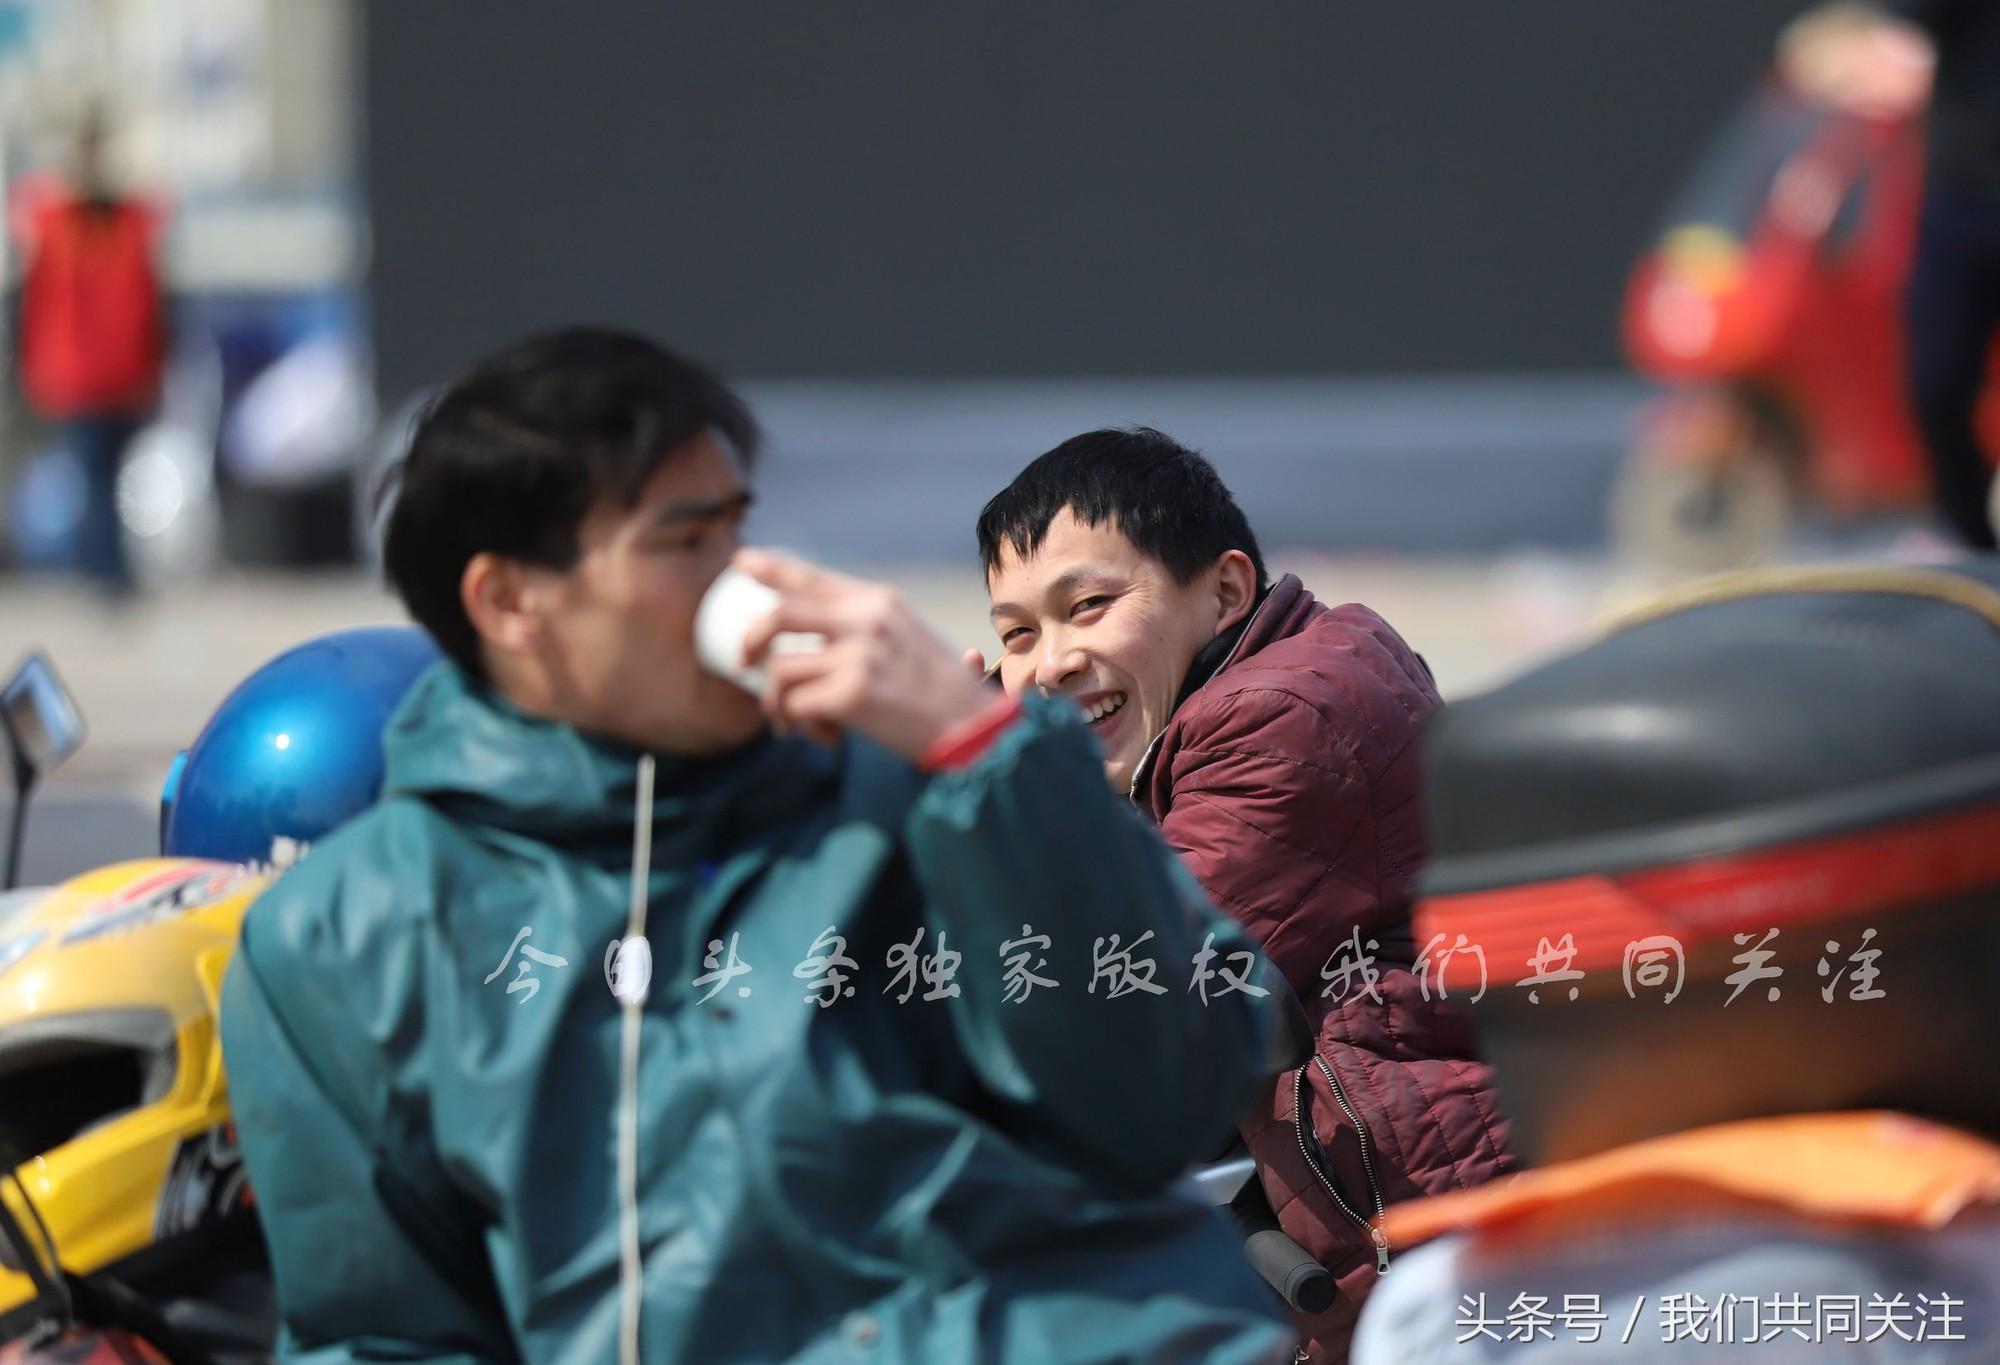 Ngán ngẩm cảnh đông đúc tại nhà xe bến tàu, hàng chục nghìn người Trung Quốc phượt trăm km về quê ăn Tết - Ảnh 9.